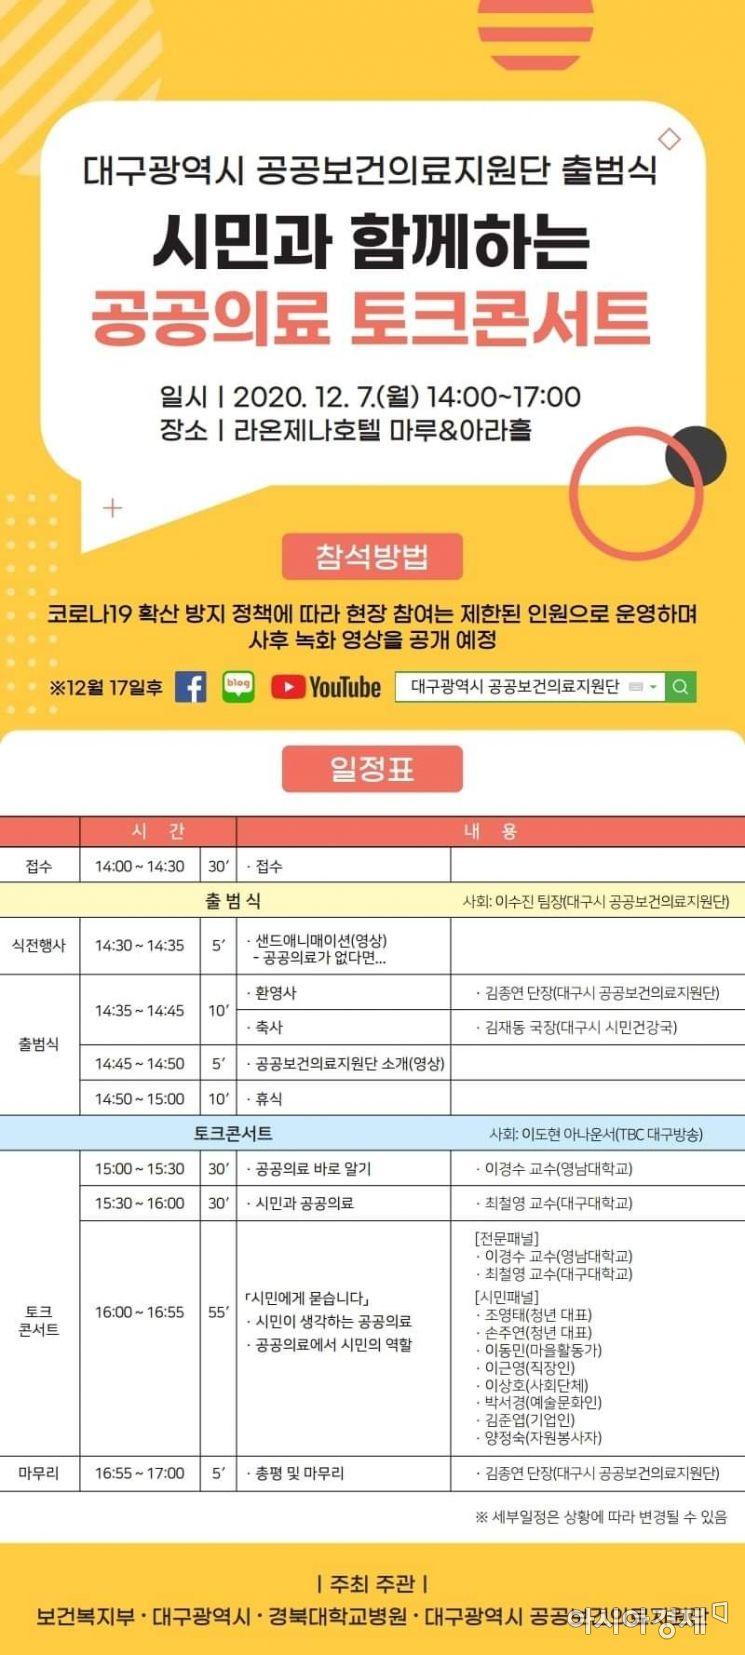 대구시, 공공보건의료지원단 출범 맞춰 '시민 참여' 토크콘서트